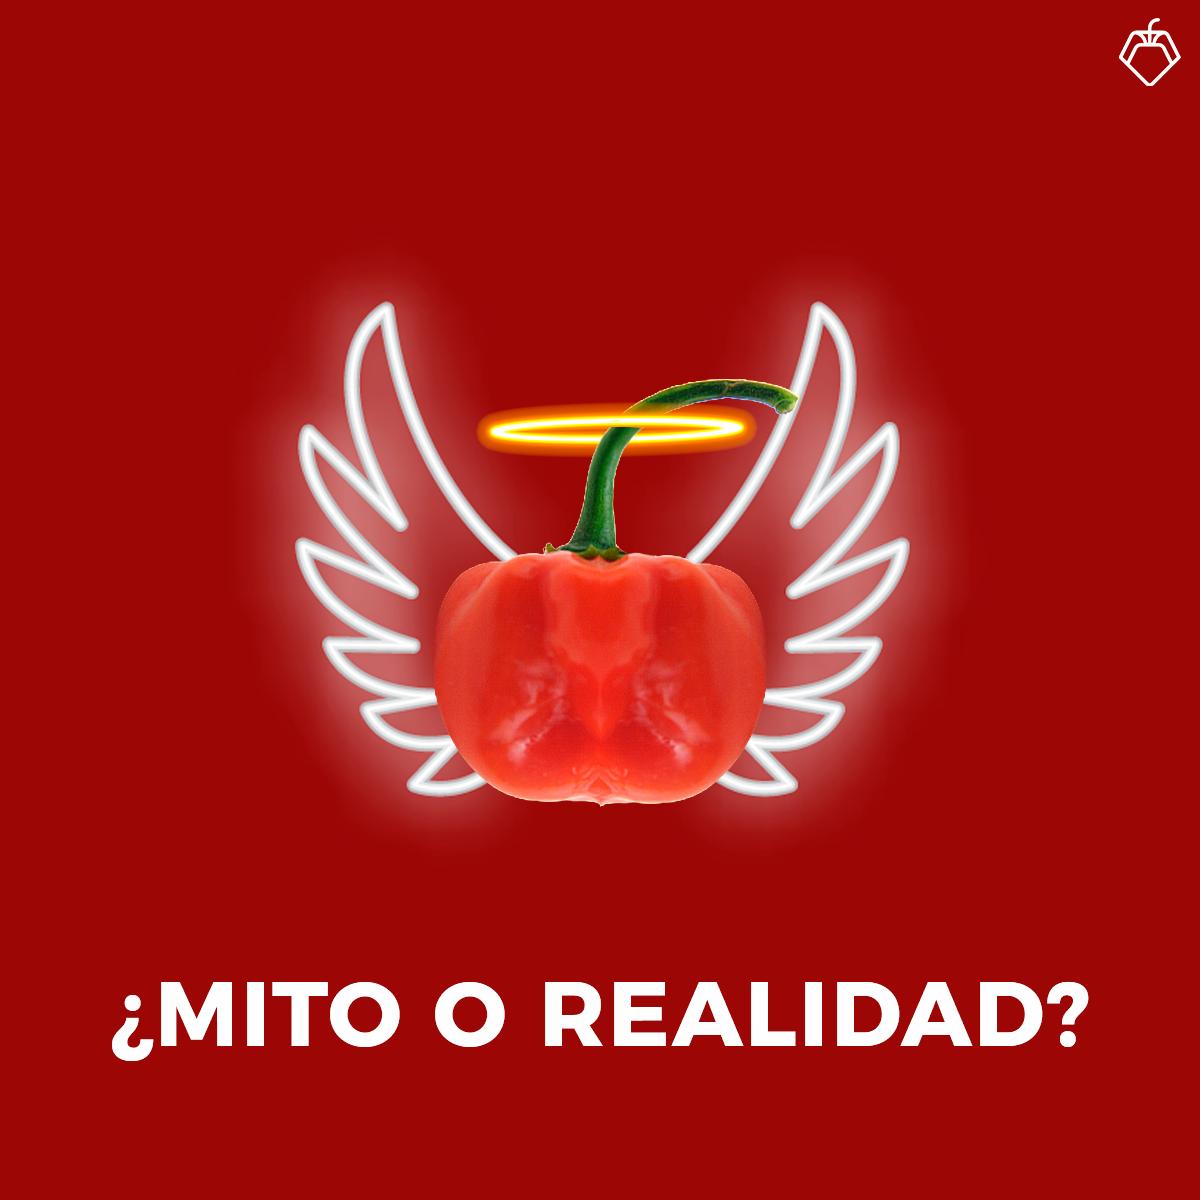 Mito o realidad del Habanero.